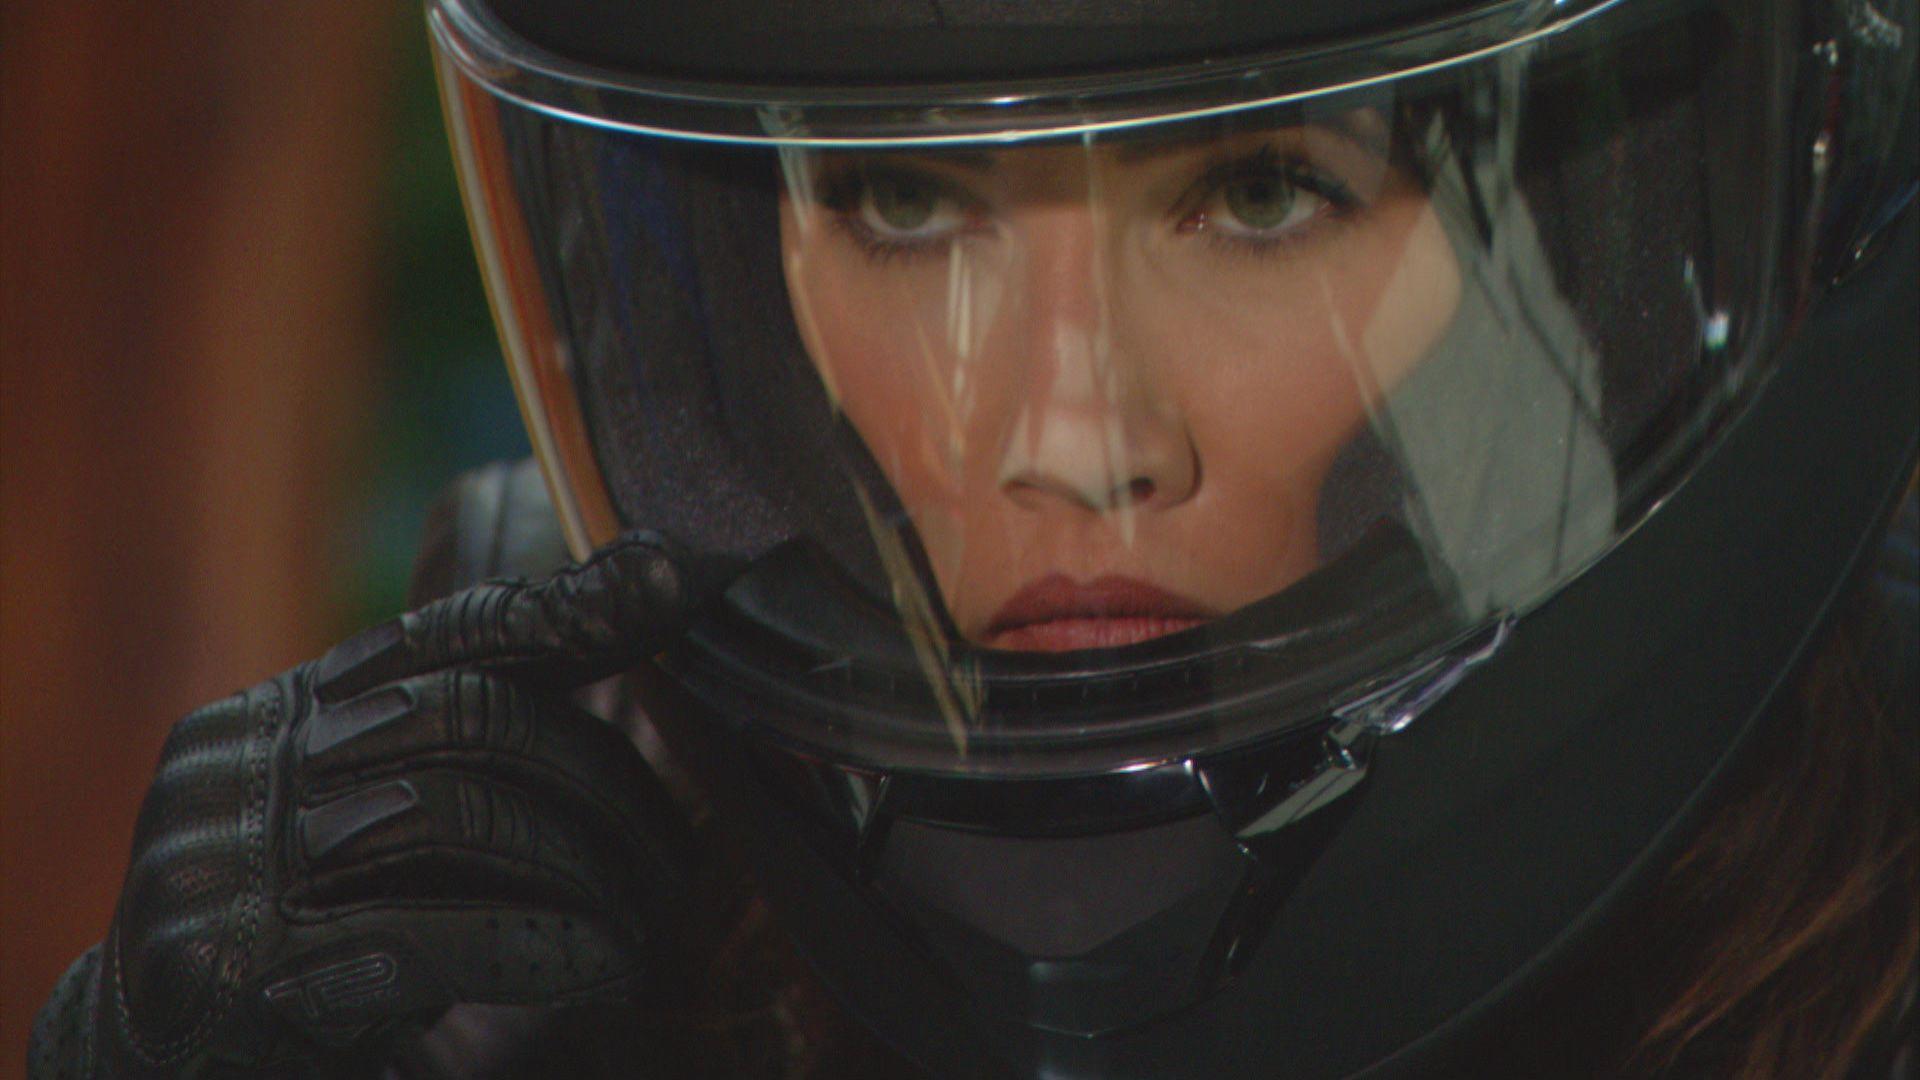 \u200bJacqueline MacInnes Wood as Steffy adjusts her black motorcycle helmet